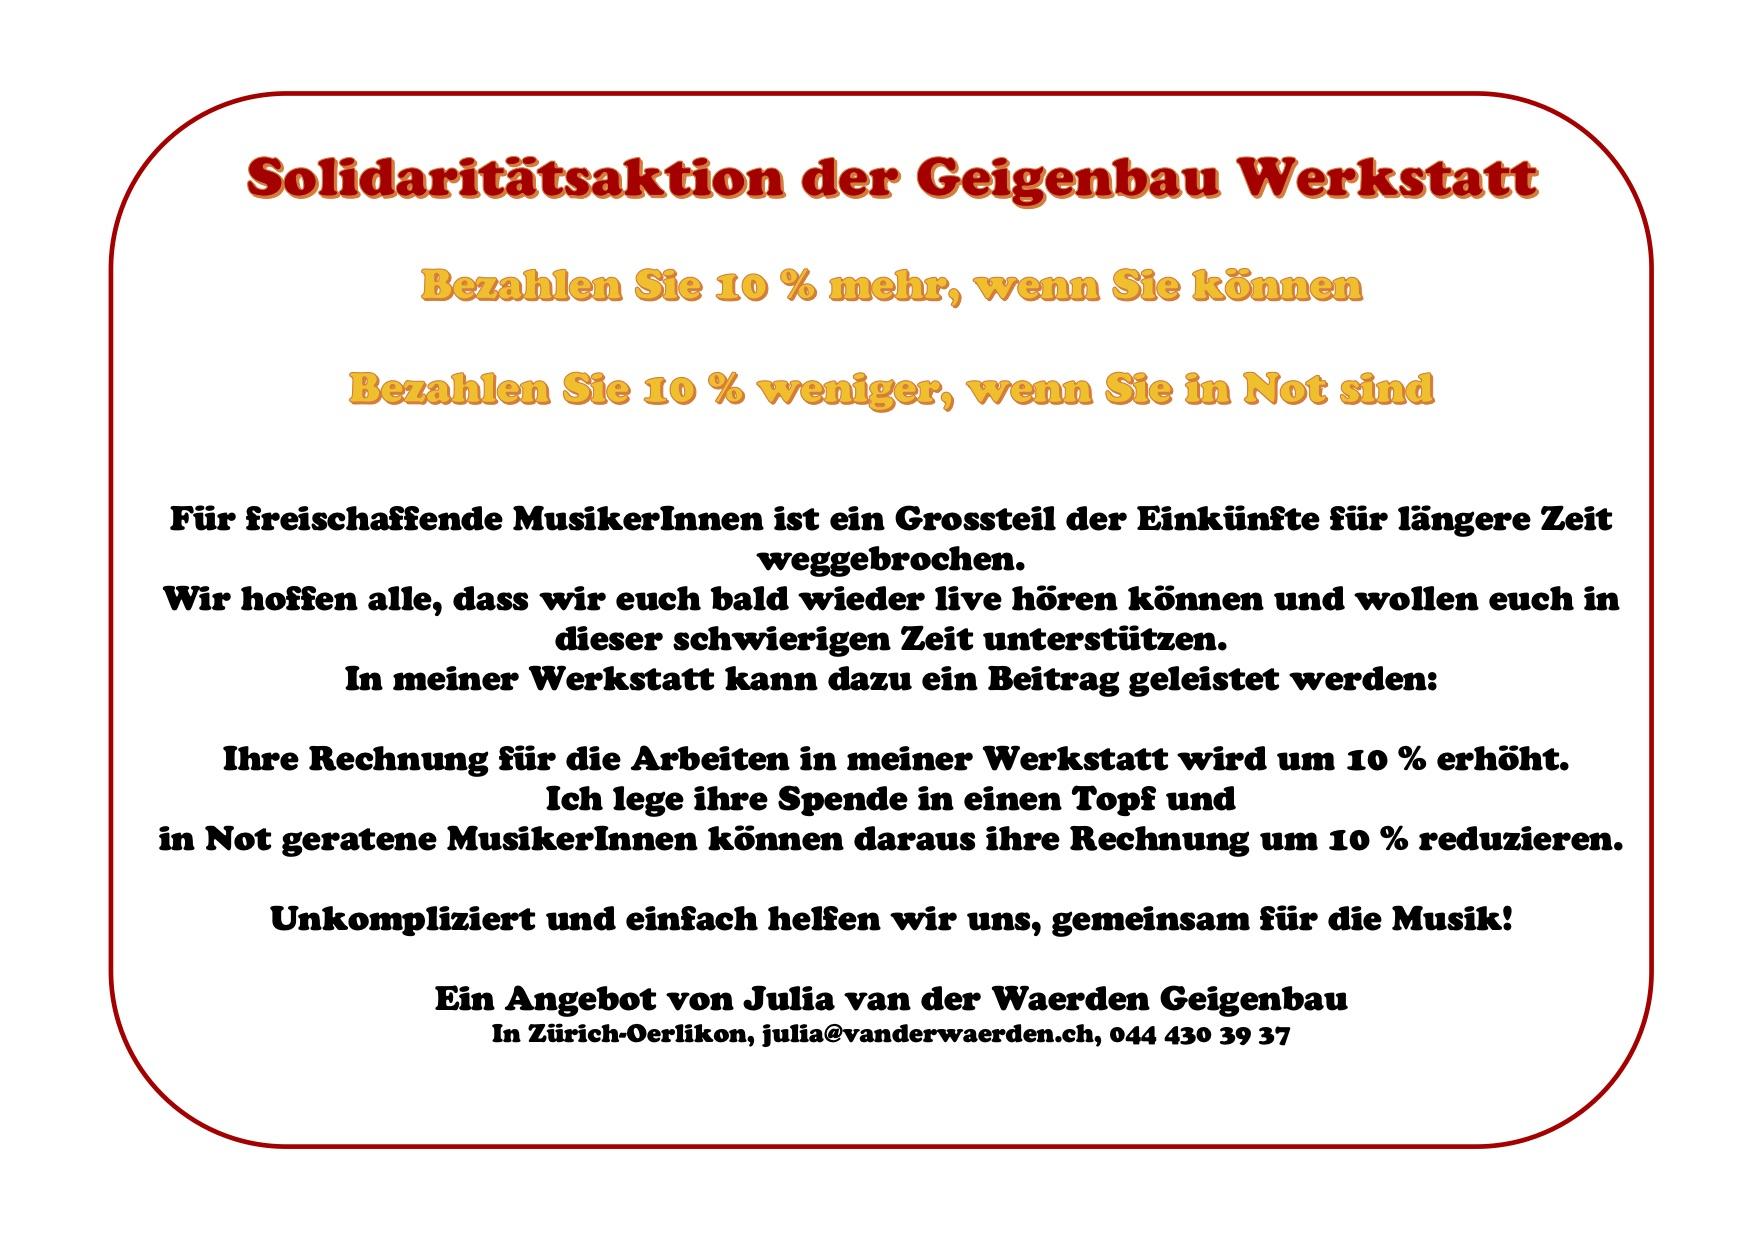 Solidaritatsaktion_2 Kopiejpg